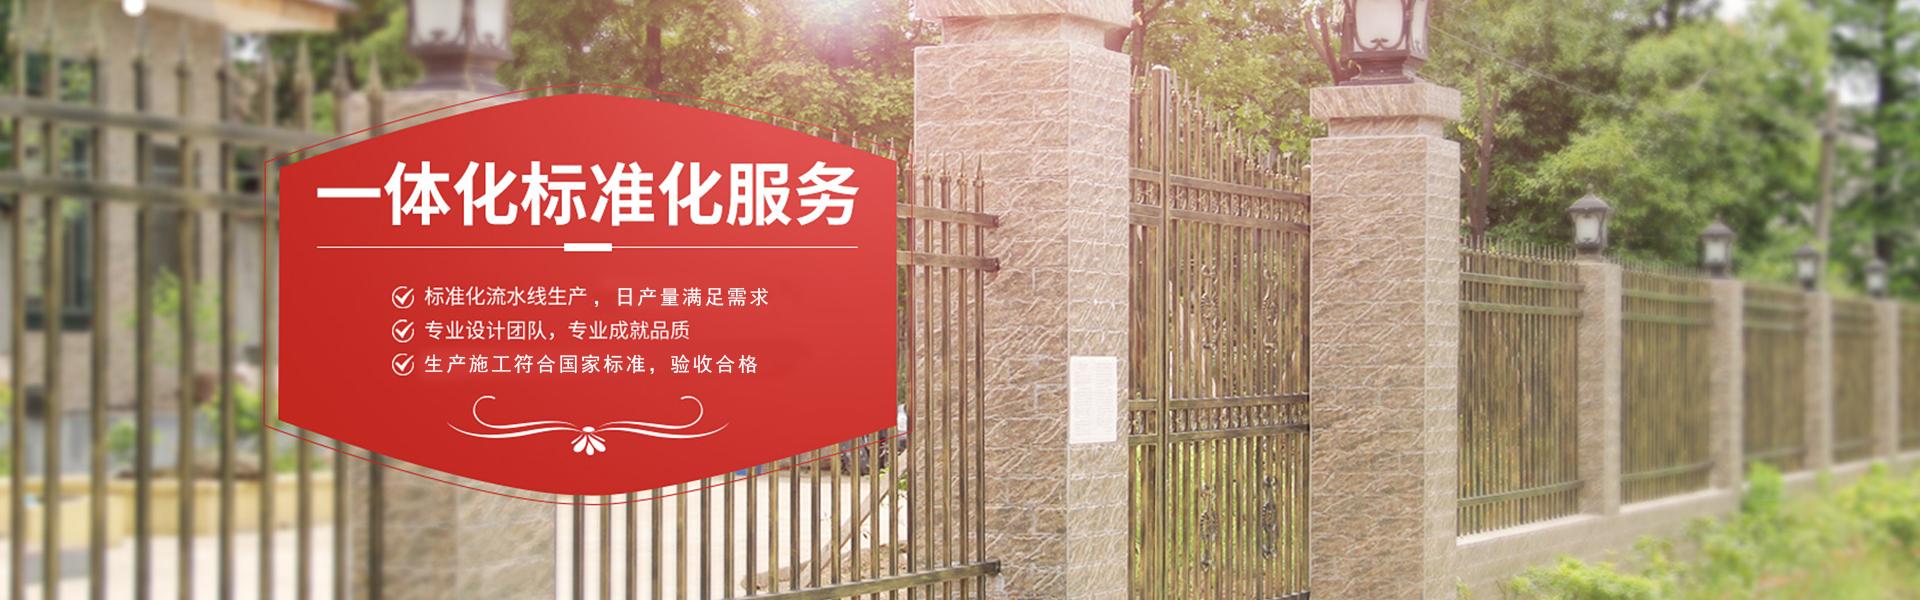 广西启邦装饰工程有限公司